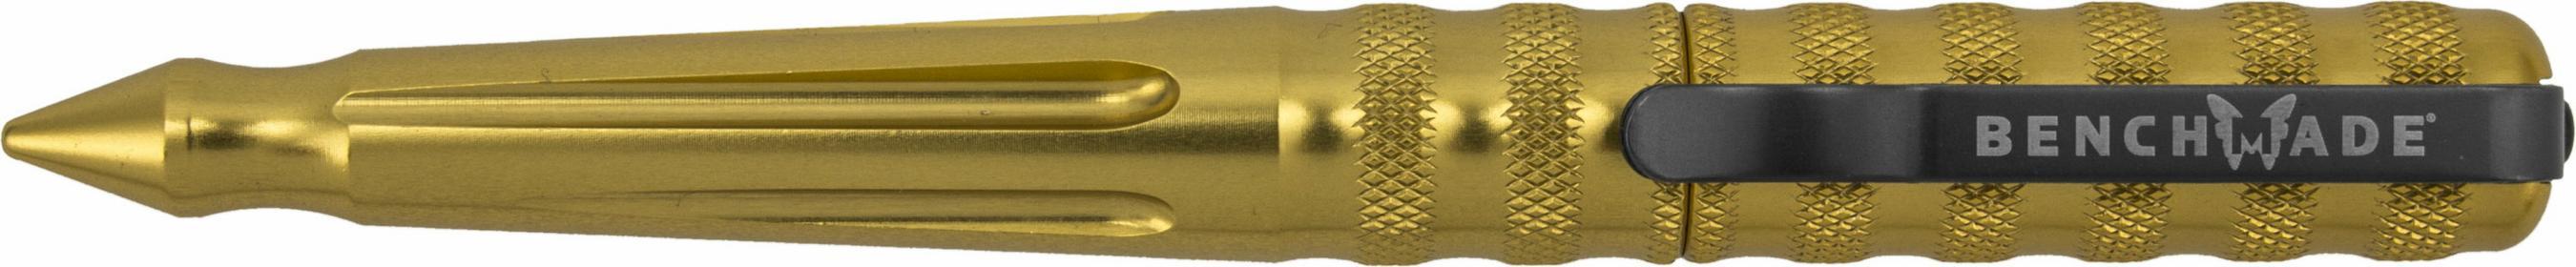 Długopis taktyczny Benchmade Pen Gold/Black 1100-9 (136-197) K